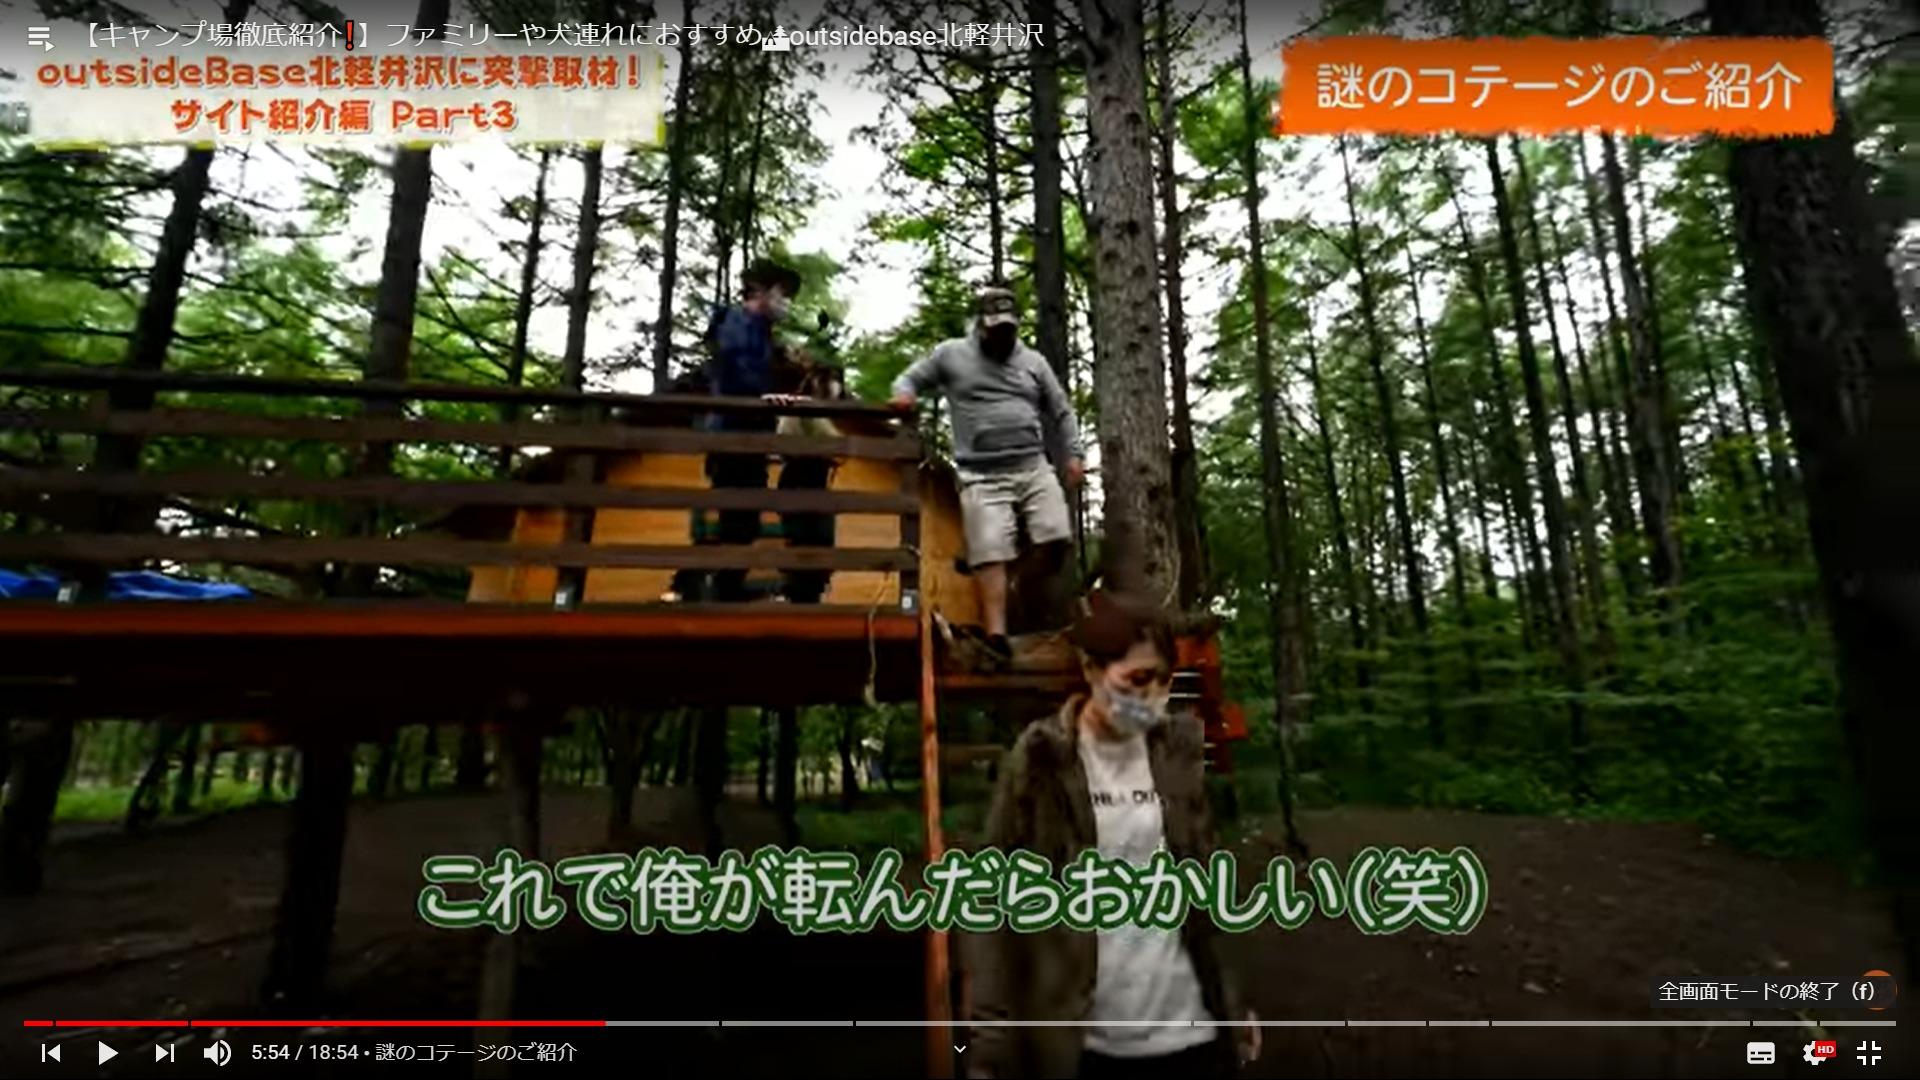 【outsidebase北軽井沢】